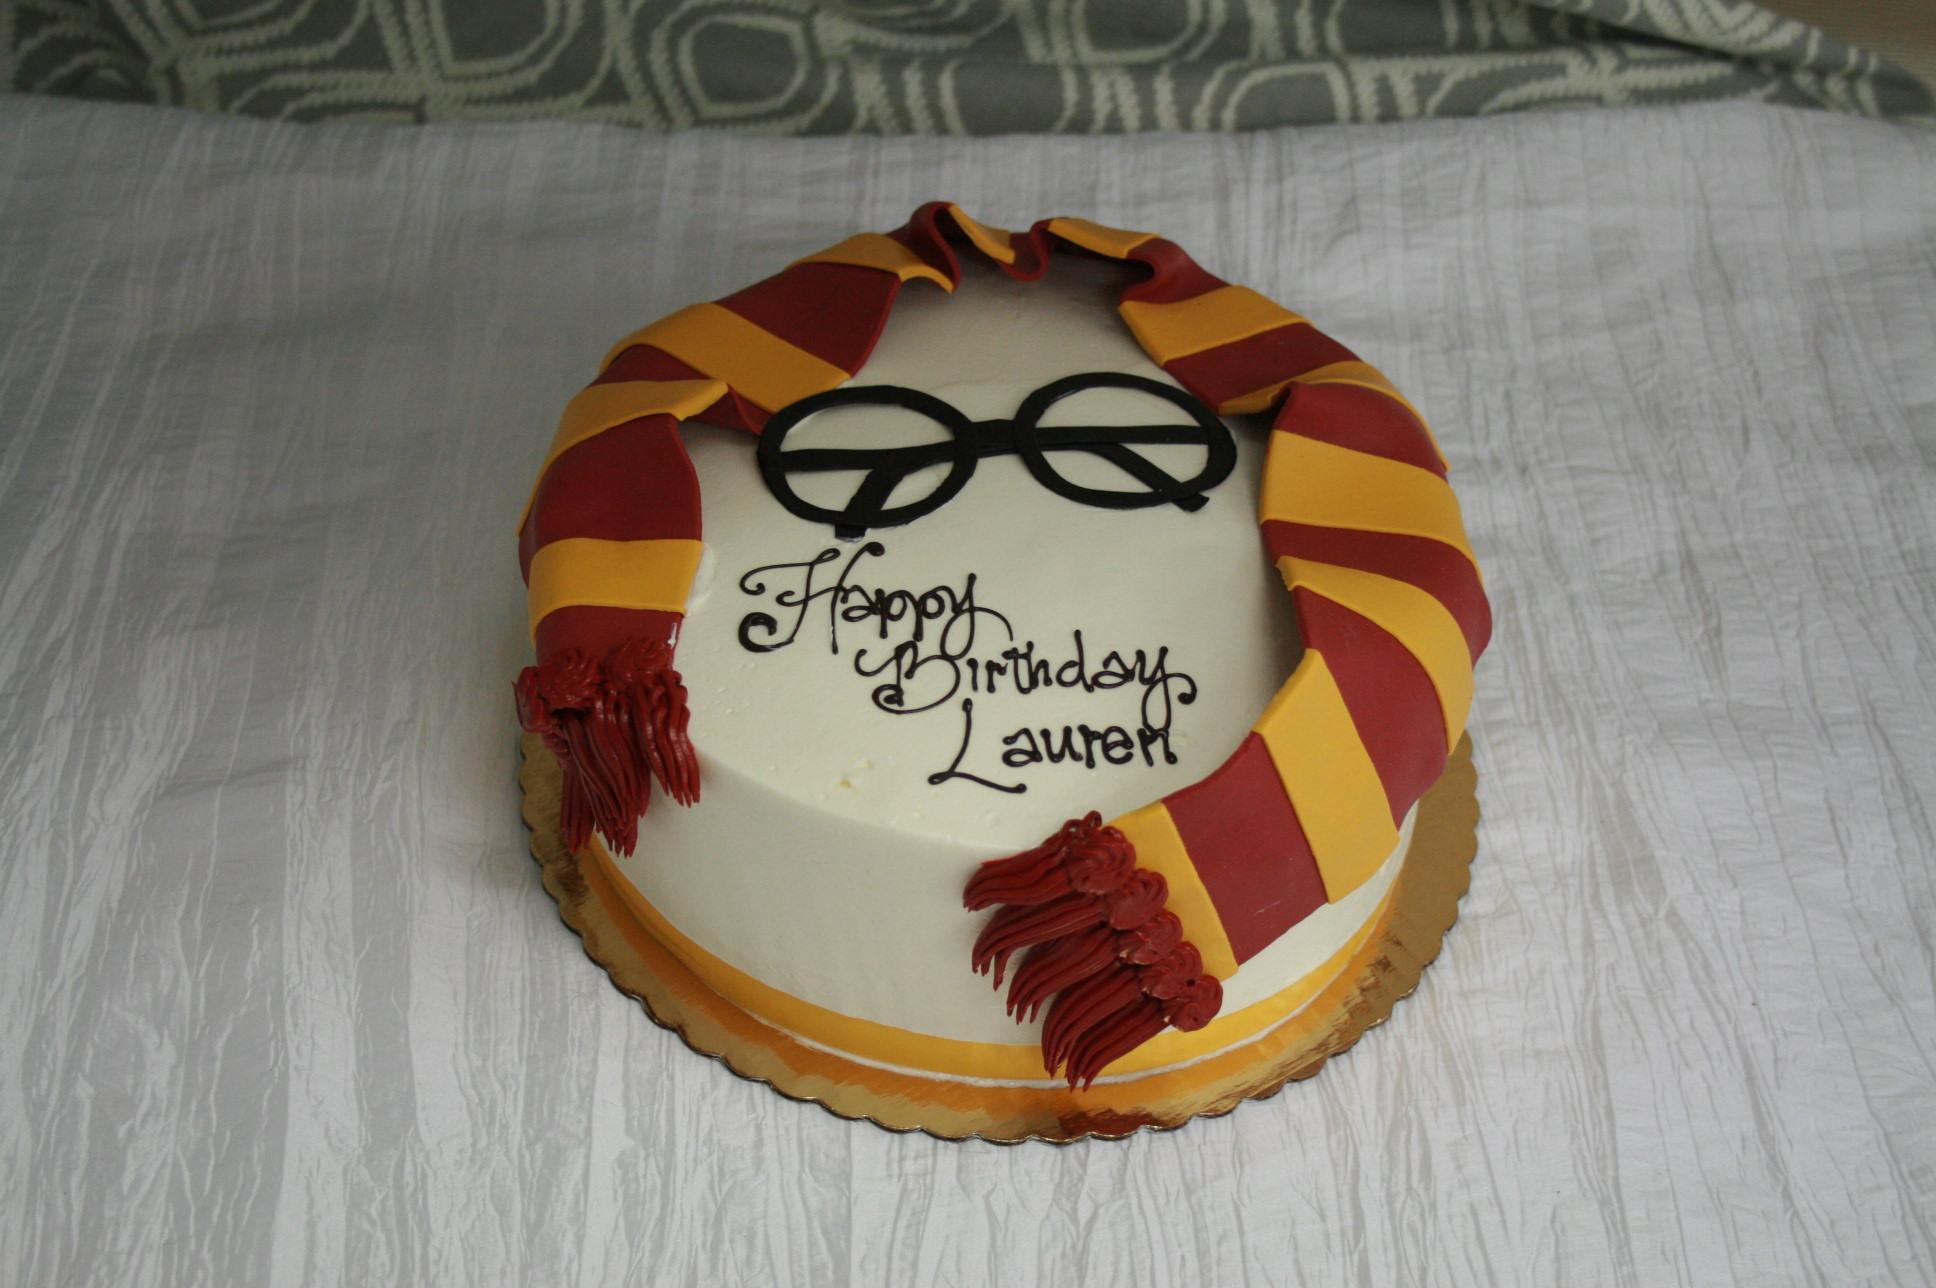 Harry Potter Gryffindor Scarf Dessert Works